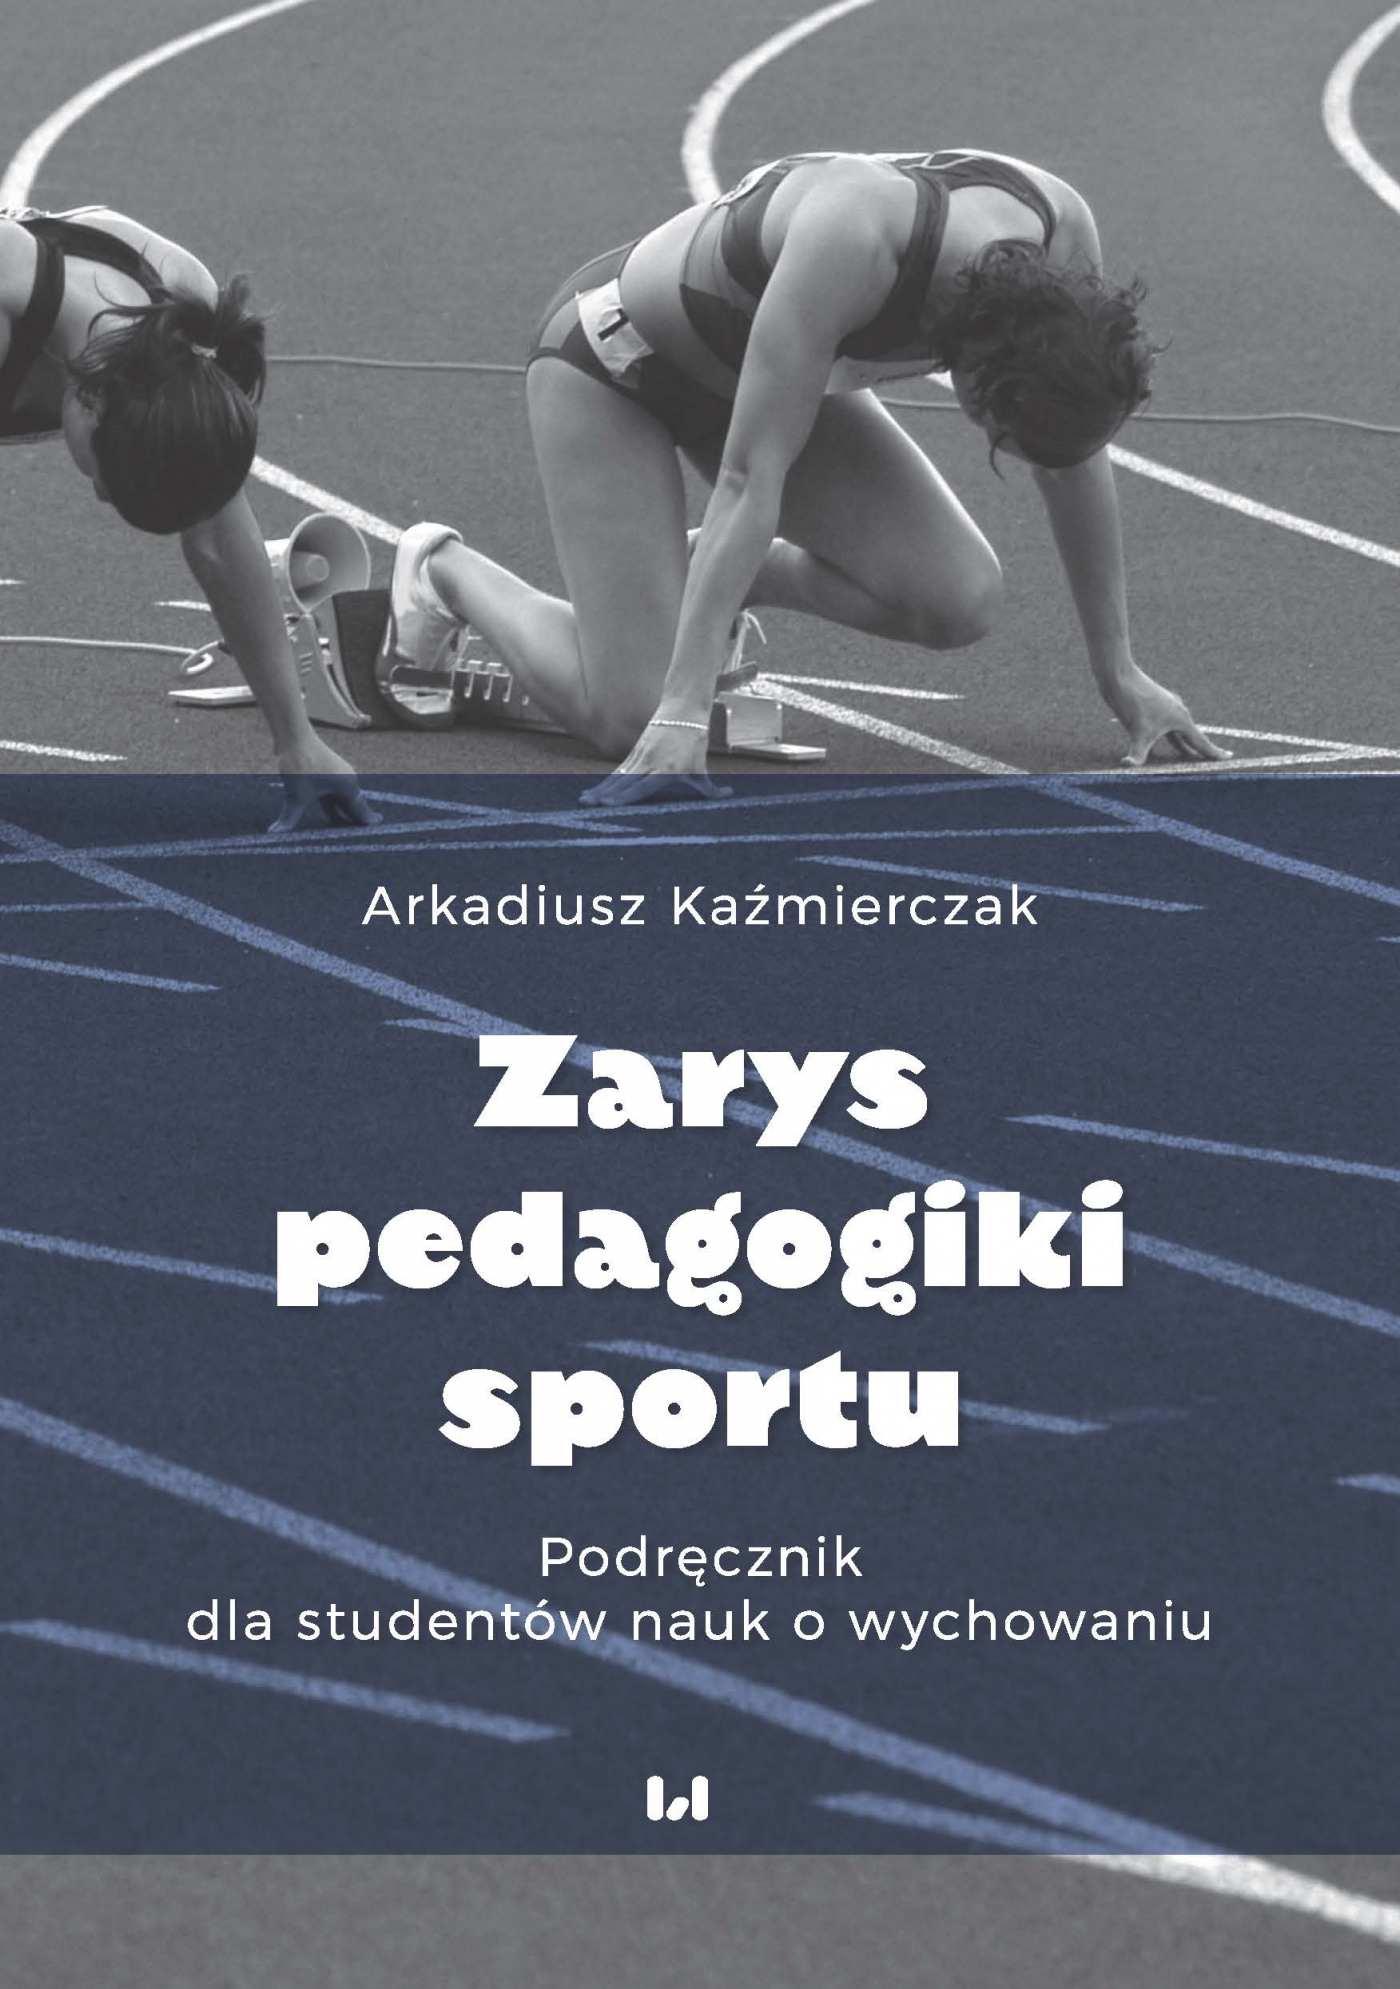 Zarys pedagogiki sportu. Podręcznik dla studentów nauk o wychowaniu - Ebook (Książka PDF) do pobrania w formacie PDF